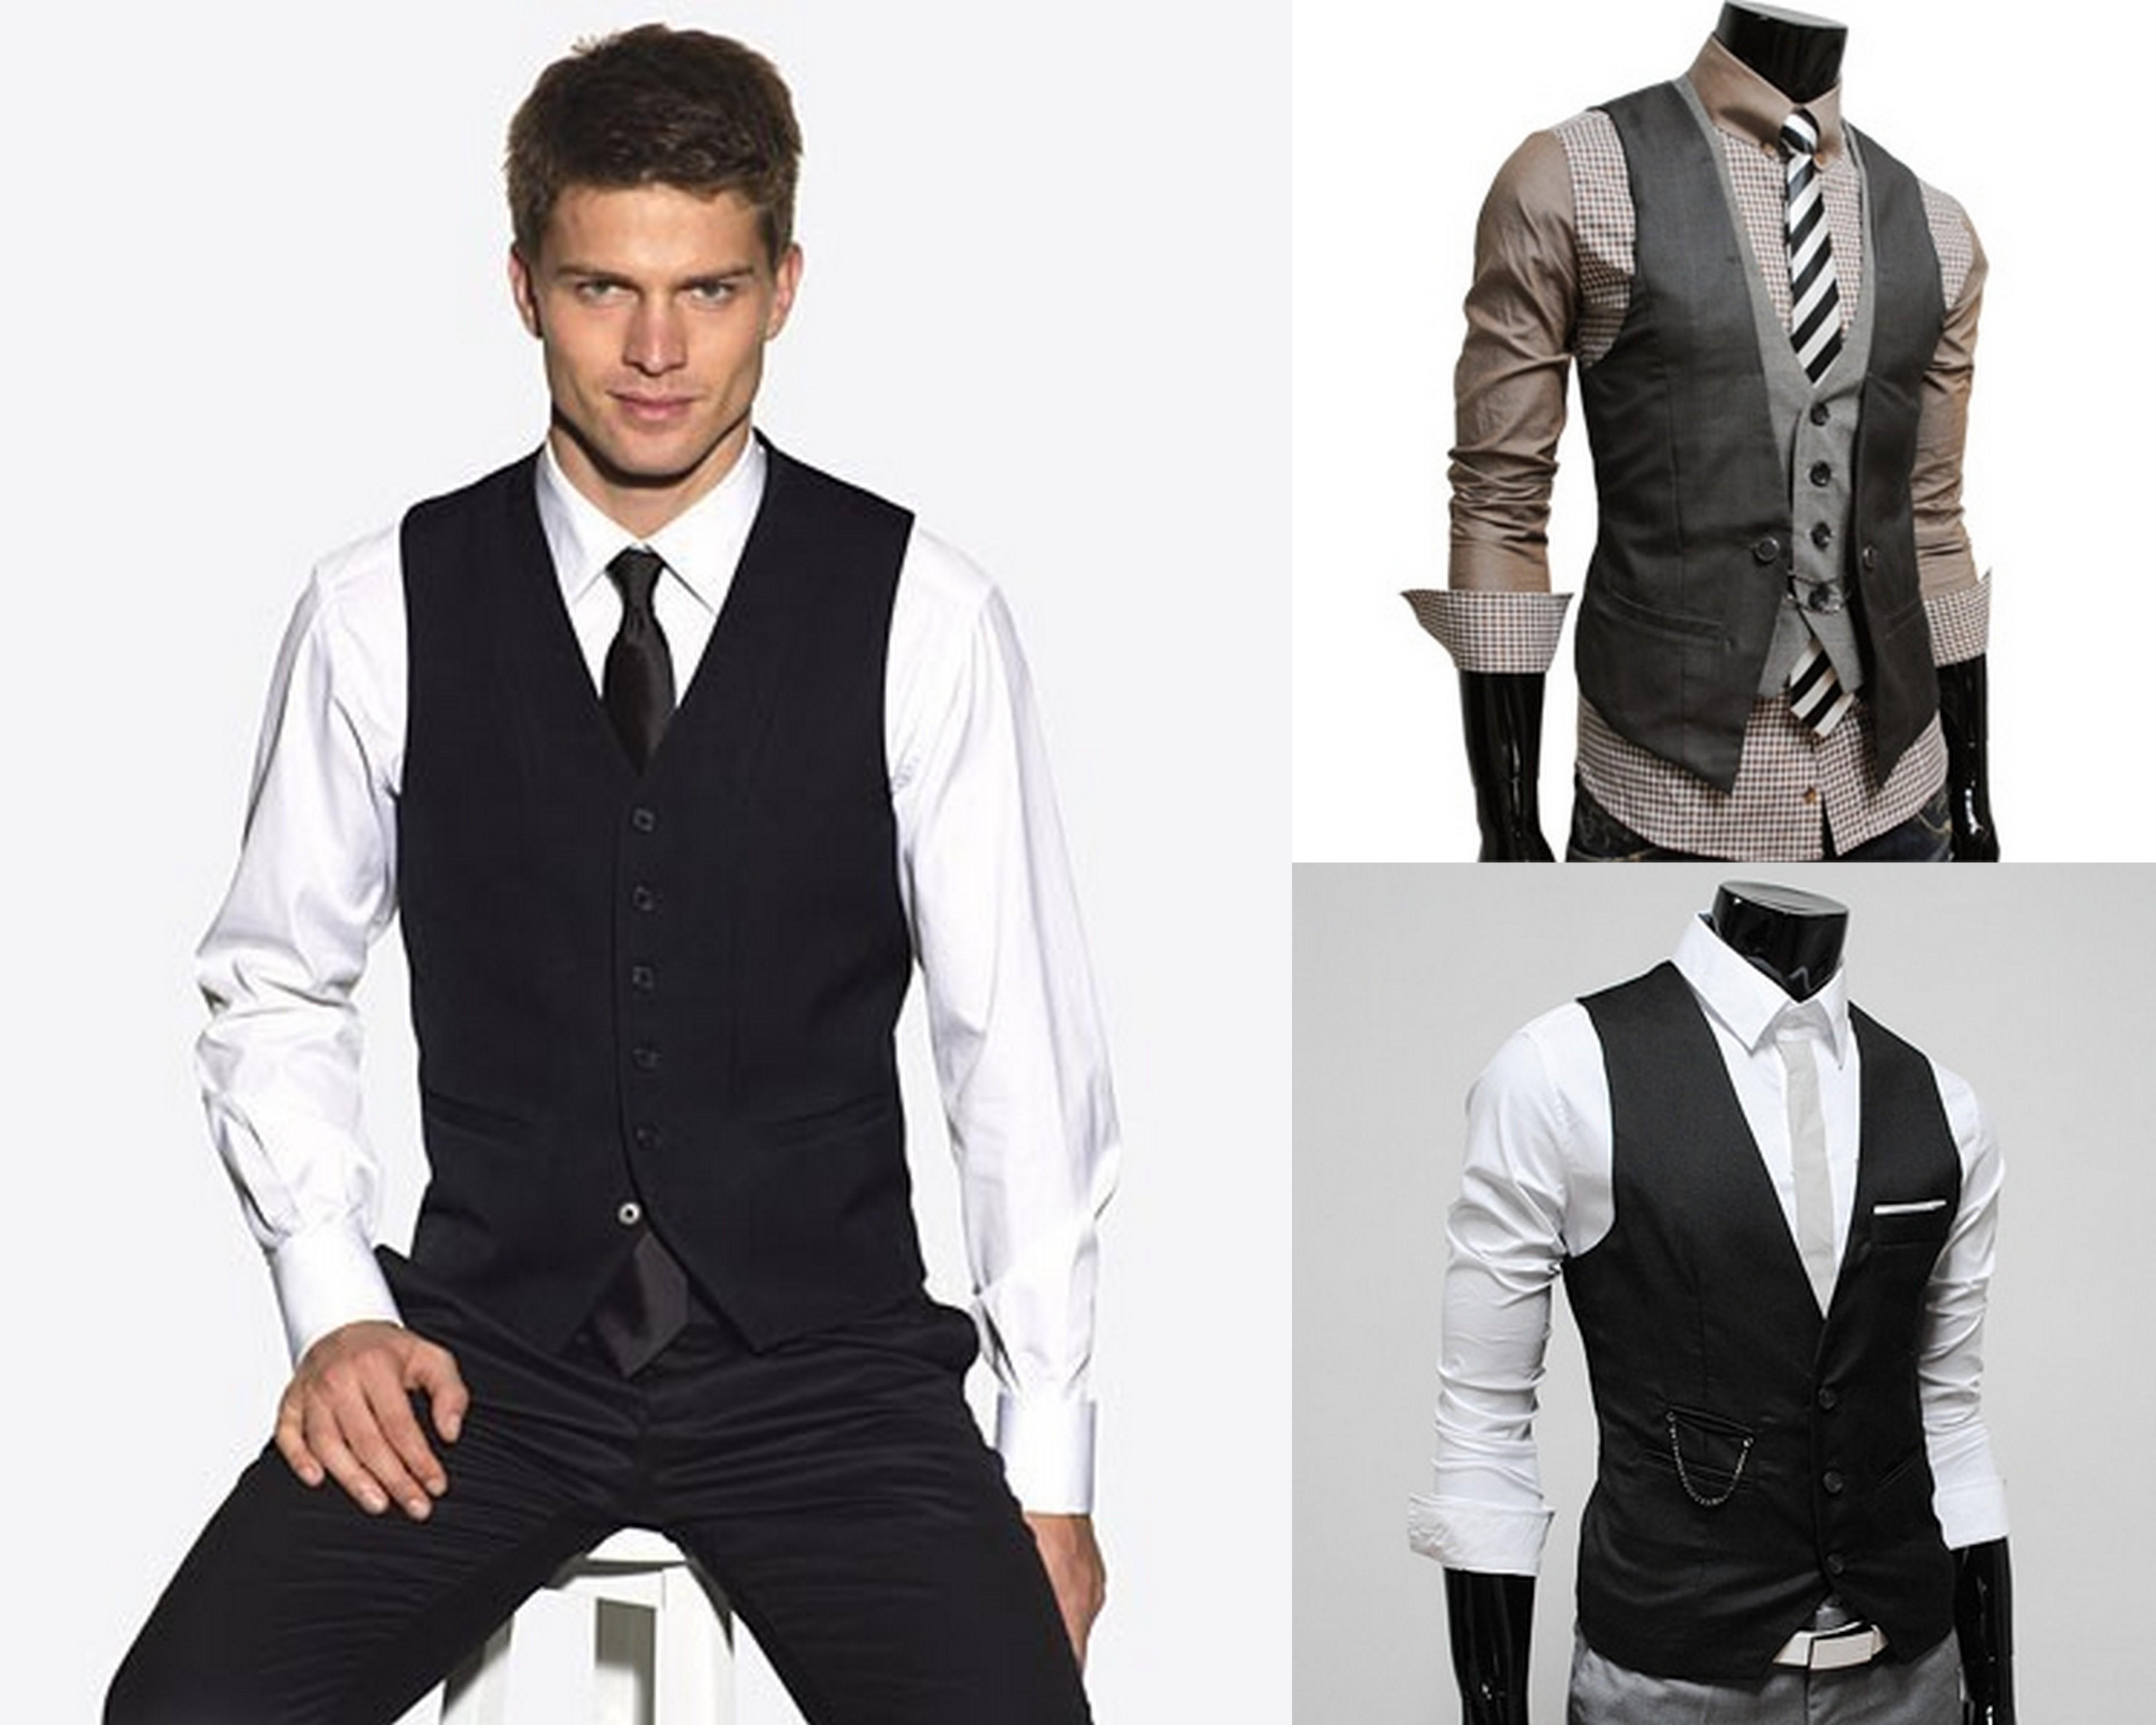 Casual Suit Vest - Go Suits